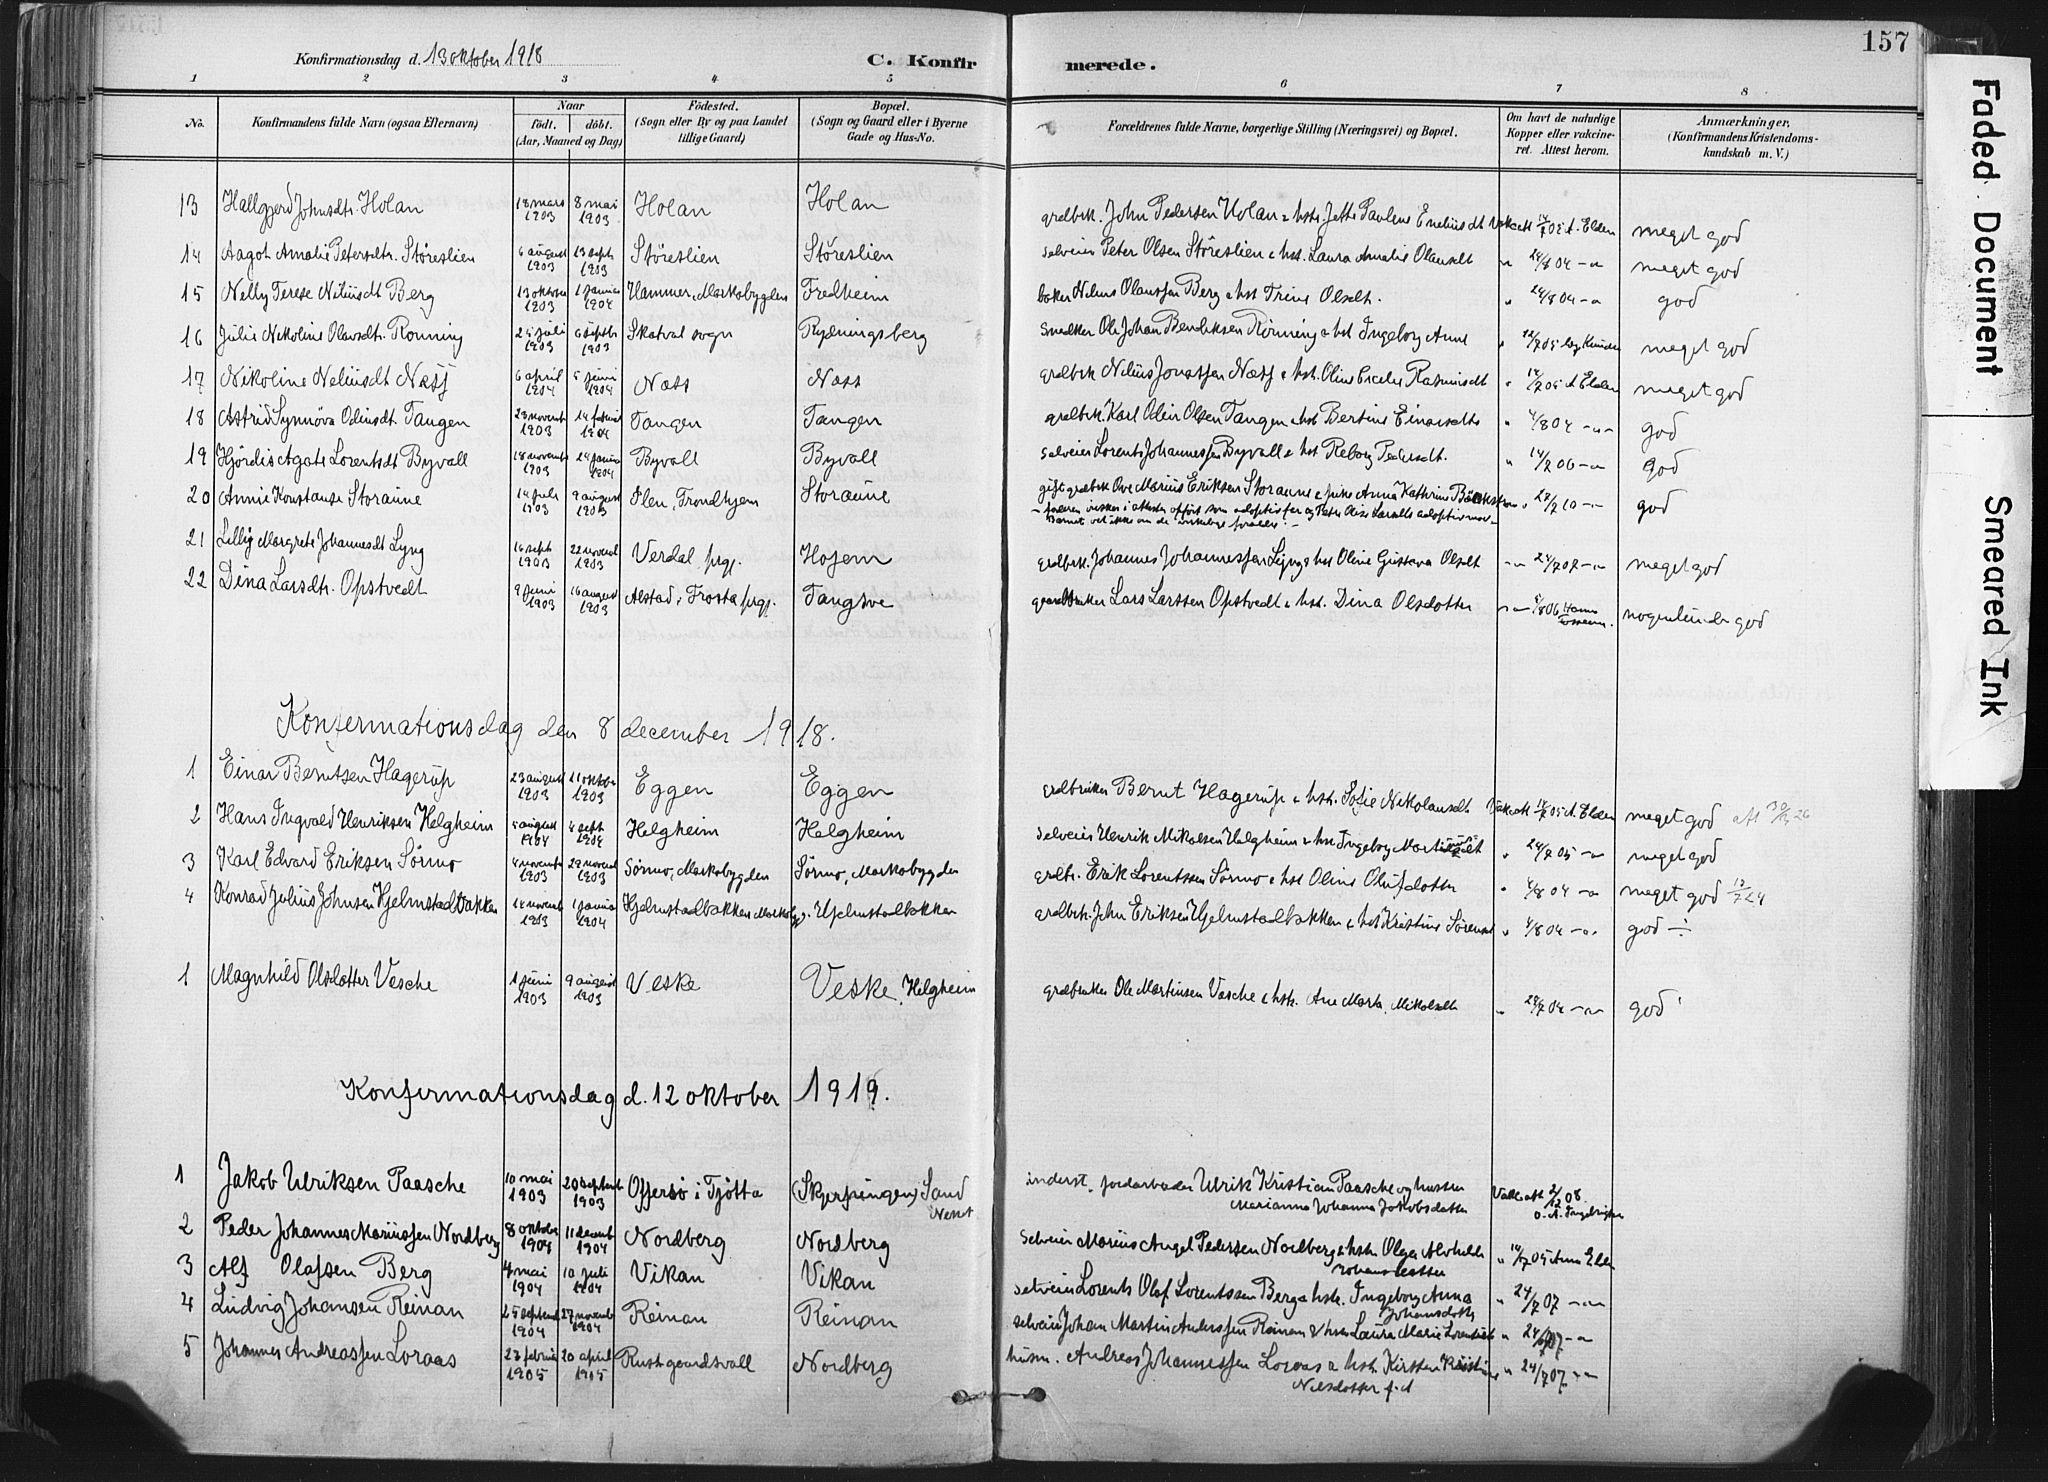 SAT, Ministerialprotokoller, klokkerbøker og fødselsregistre - Nord-Trøndelag, 717/L0162: Ministerialbok nr. 717A12, 1898-1923, s. 157